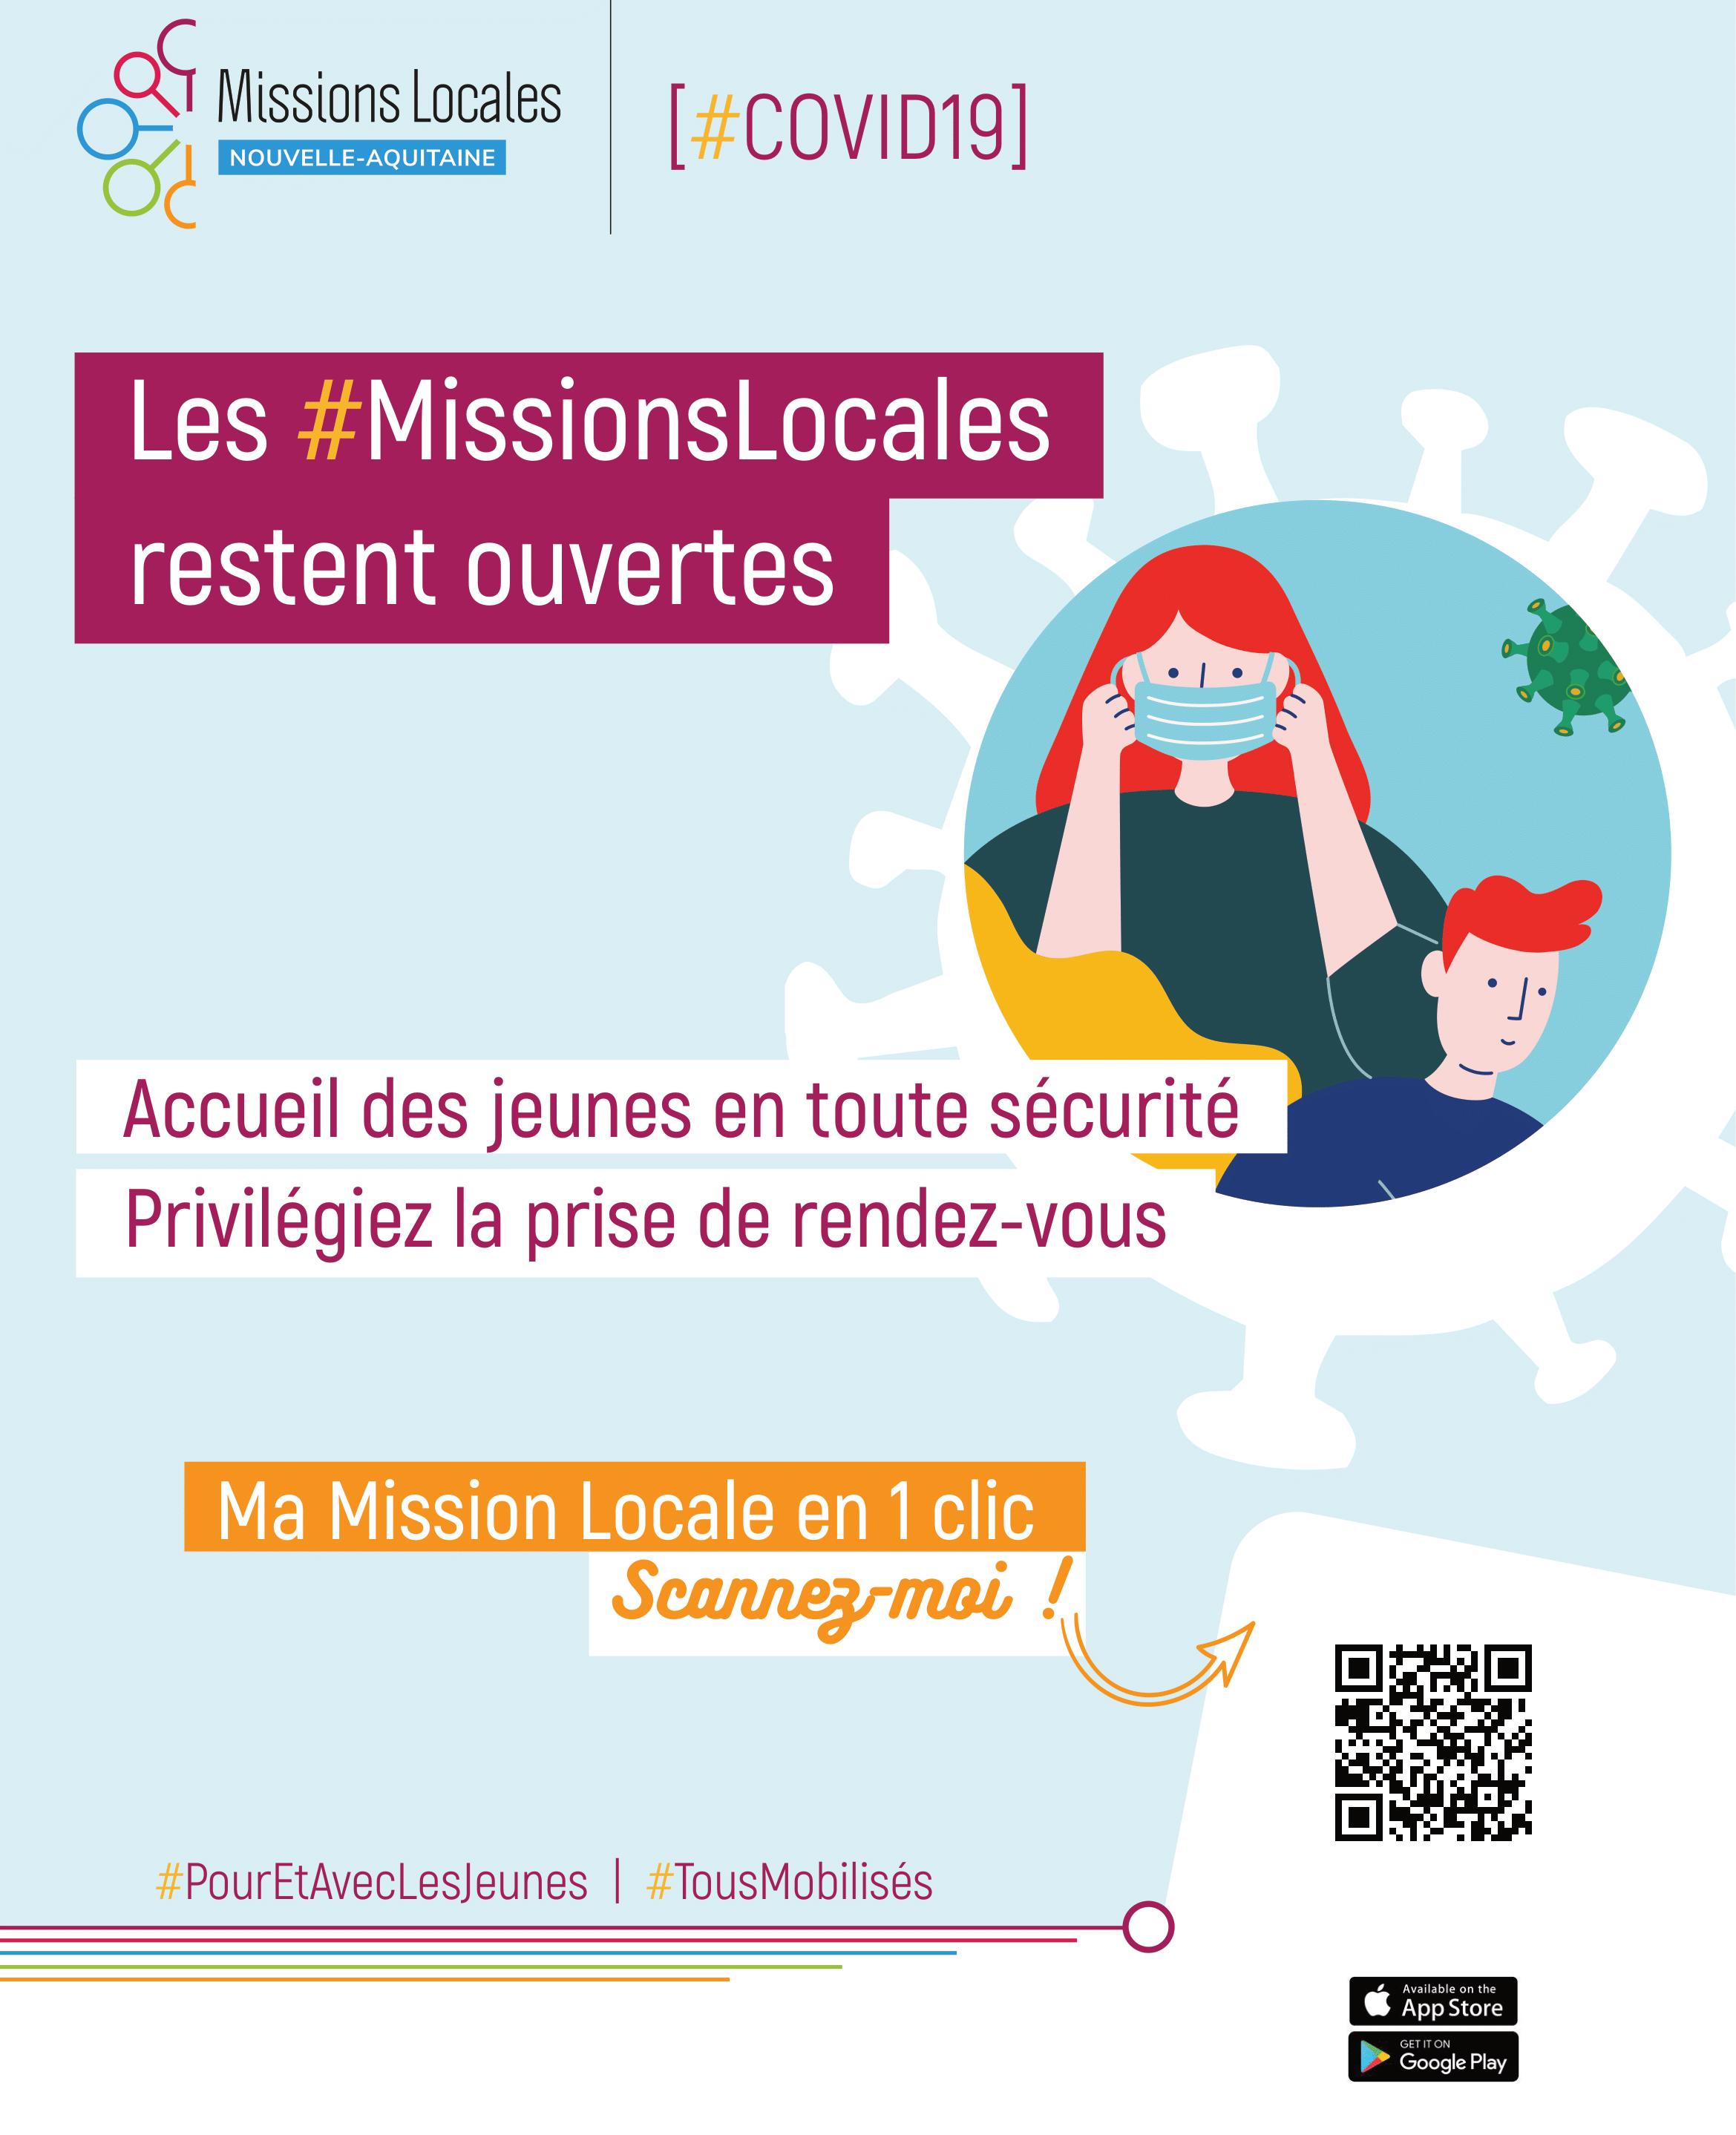 Confinement Acte 3 - La Mission Locale reste ouverte